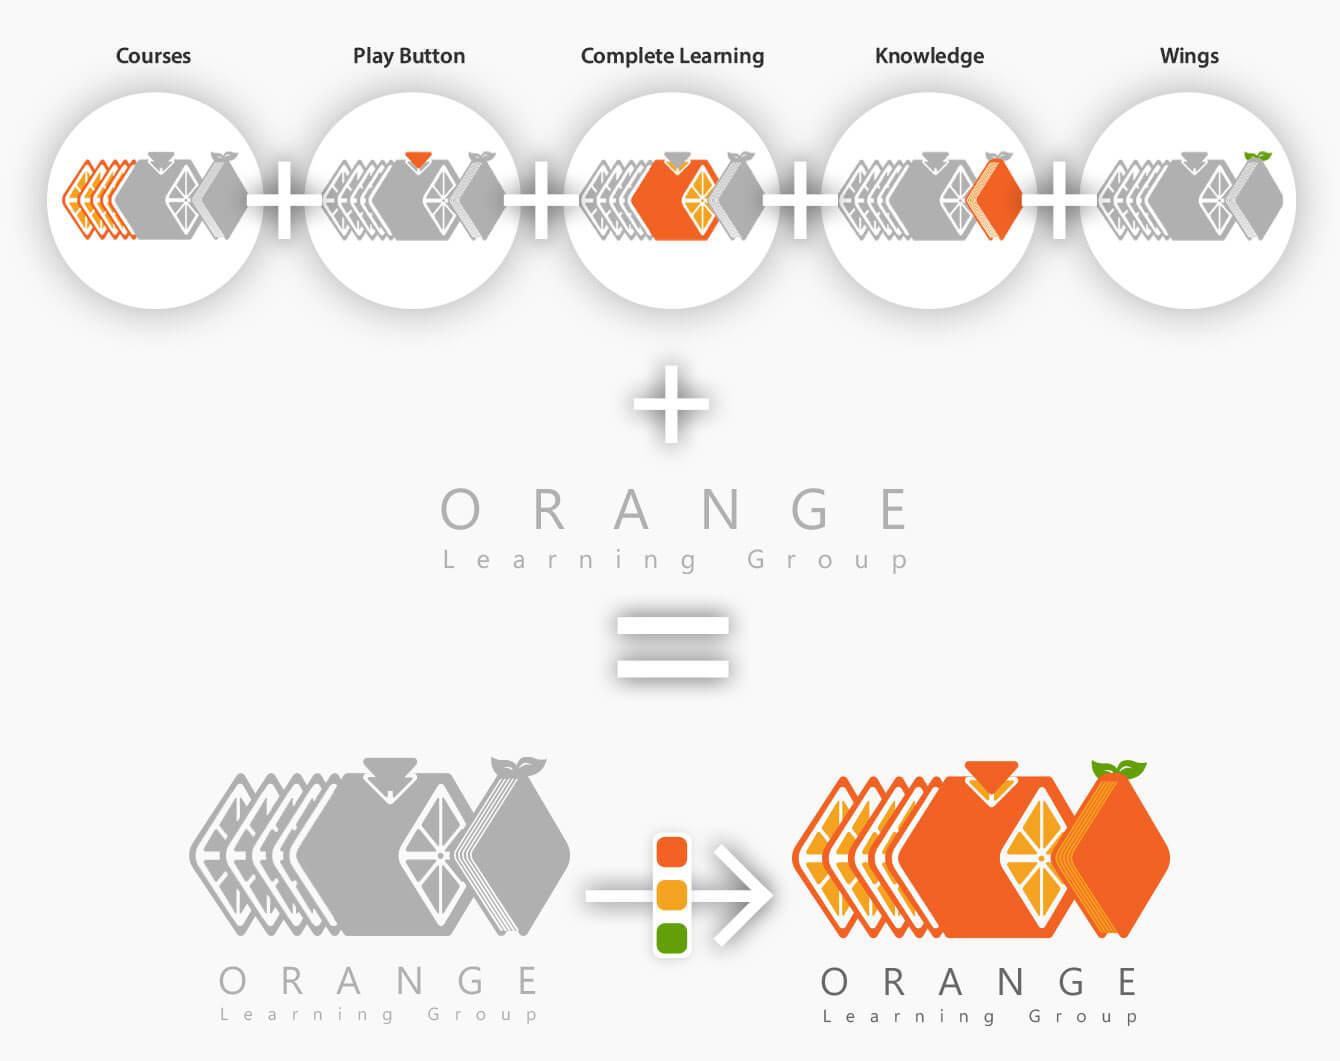 روند طراحی لوگو و ایده پردازی گروه آموزشی پرتقال